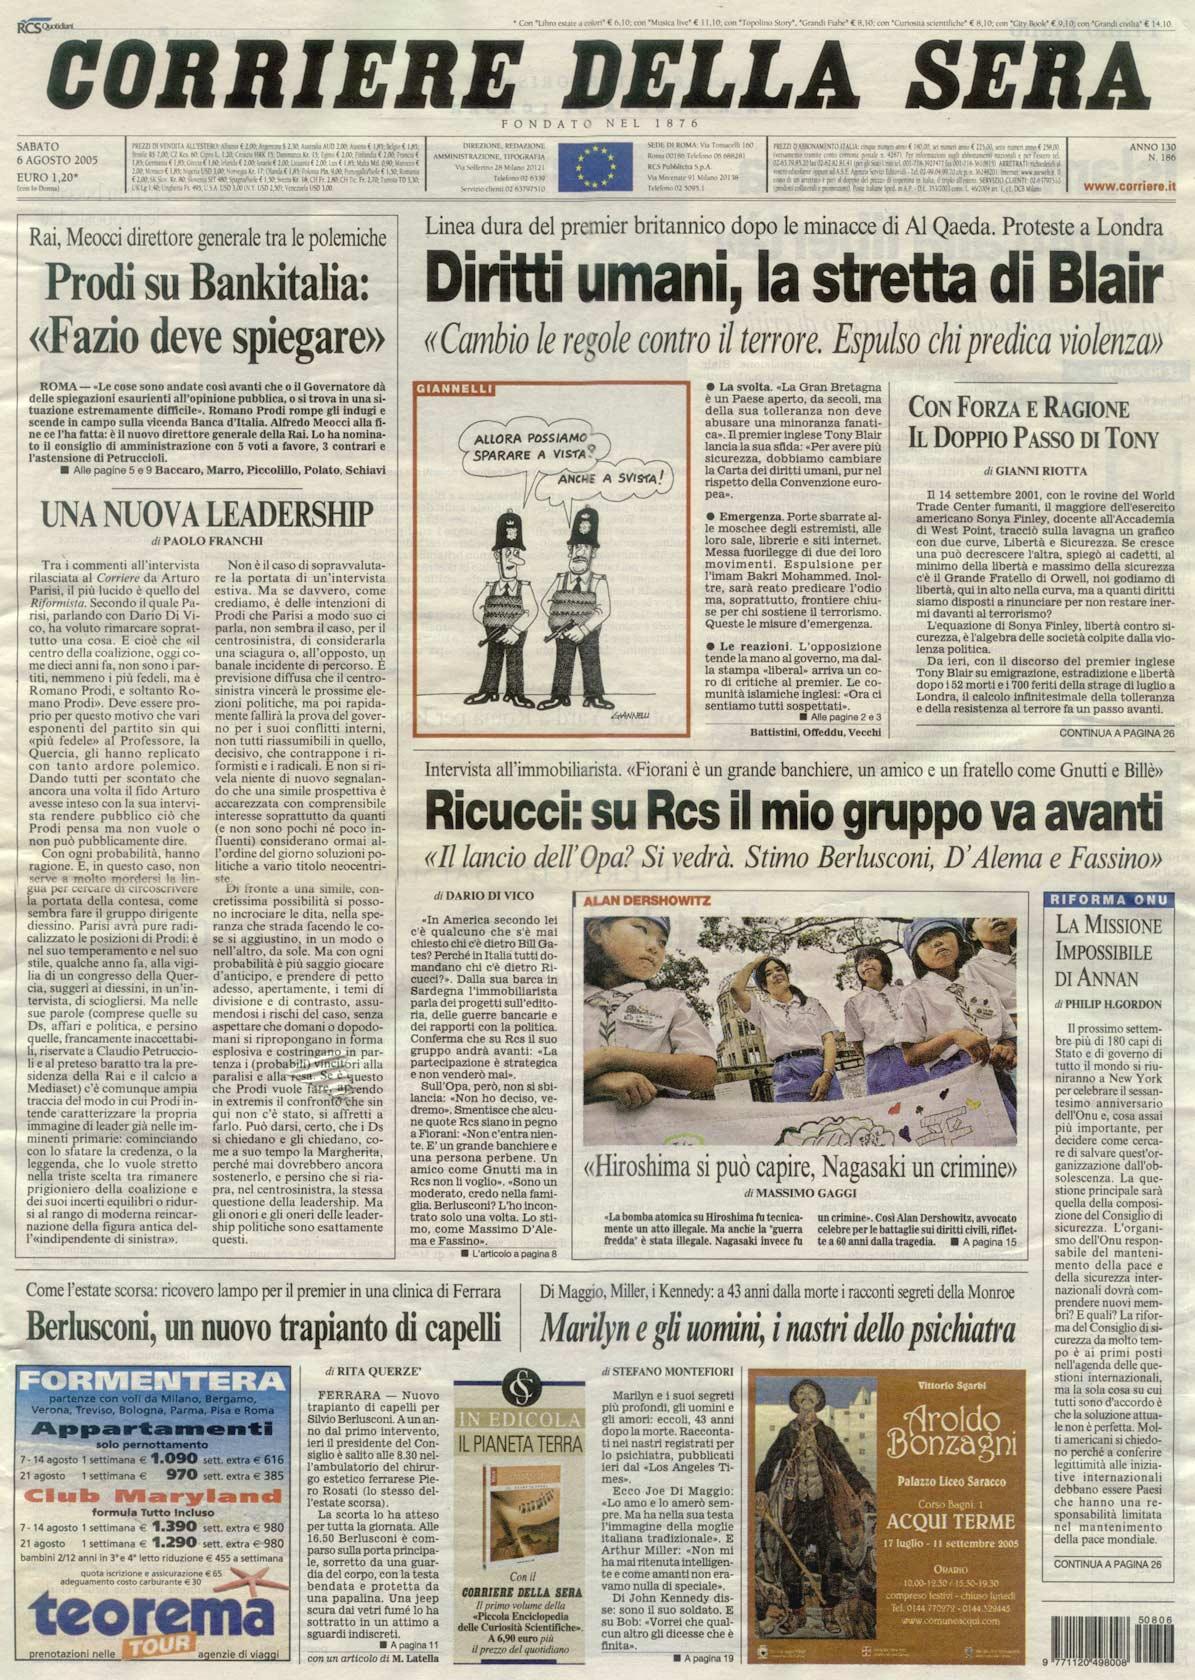 Berlusconi, un nuovo trapianto di capelli - Corriere della Sera - Prima pagina